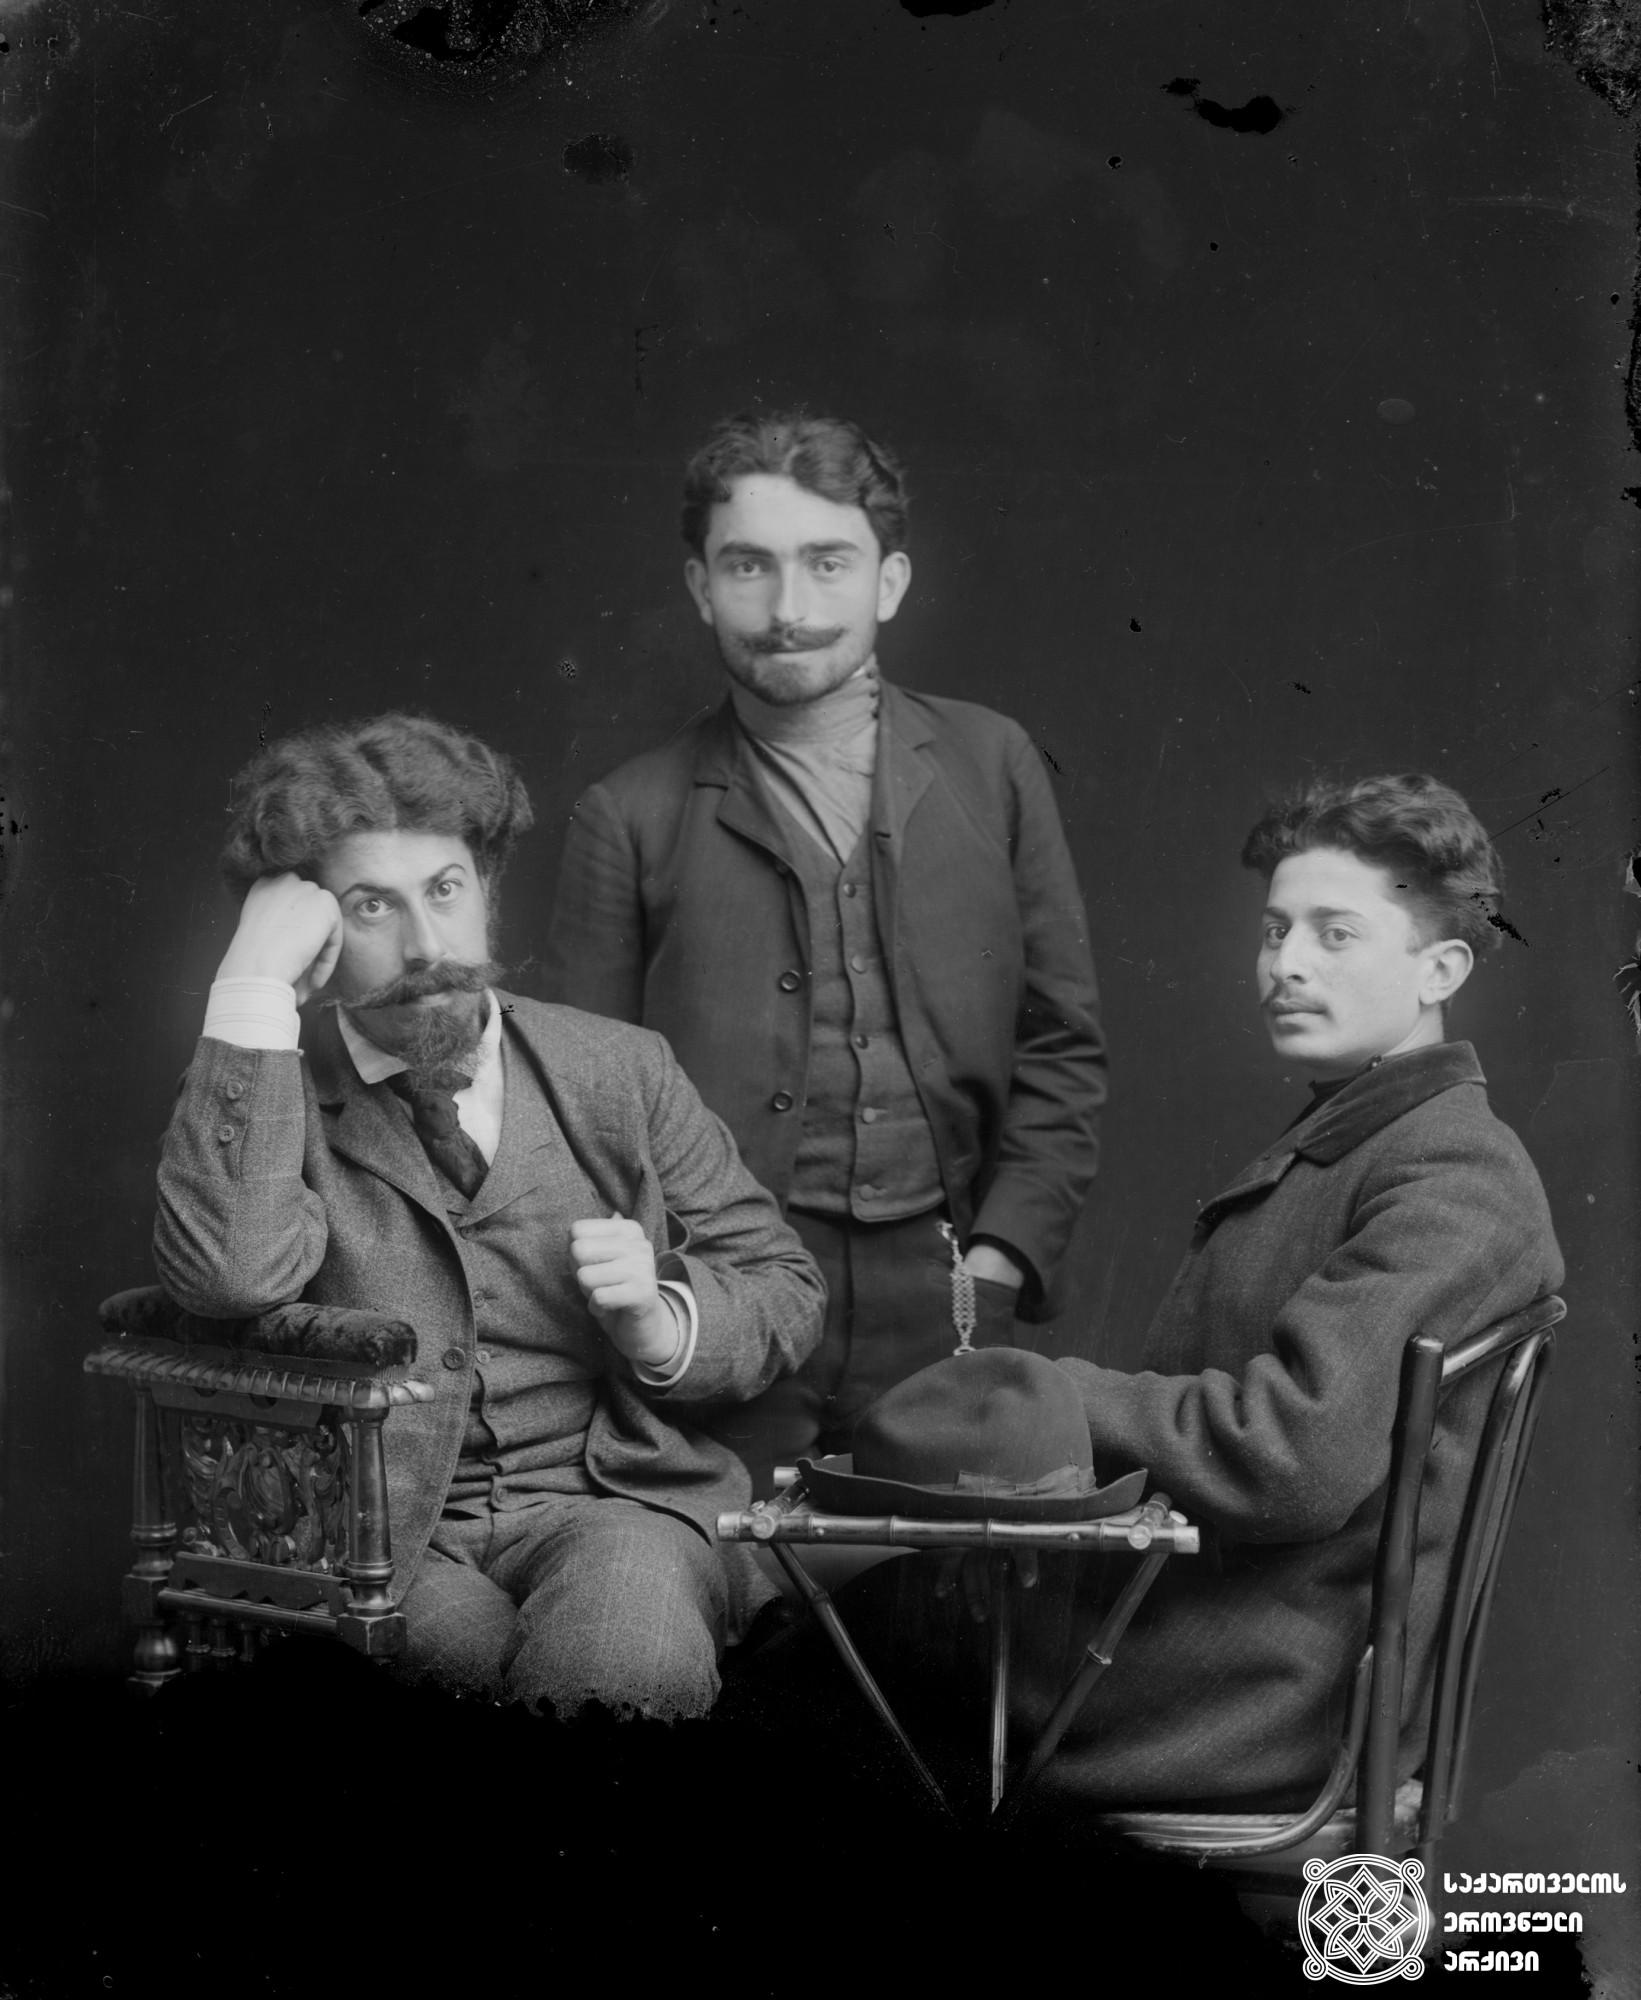 მარცხნიდან: სოციალ-რევოლუციონერი კოლია ჩიგოგიძე, უცნობი პირი და ანარქისტი სიმონ ჯაფარიძე. <br> მინის ნეგატივი 12X16. <br> From left: Social-Revolutionary Kolia Chigogidze, unknown person and anarchist Simon Japaridze. <br> Glass negative 12X16. <br>